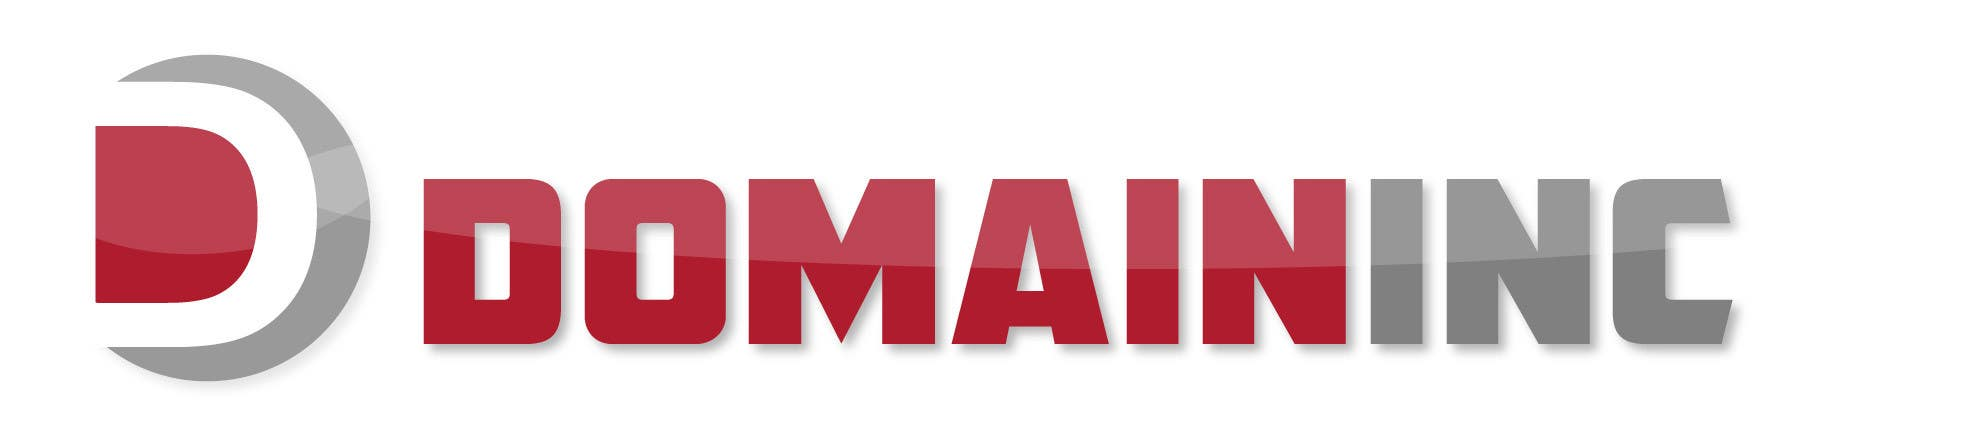 Konkurrenceindlæg #                                        112                                      for                                         Logo Design for web hosting / domain management website